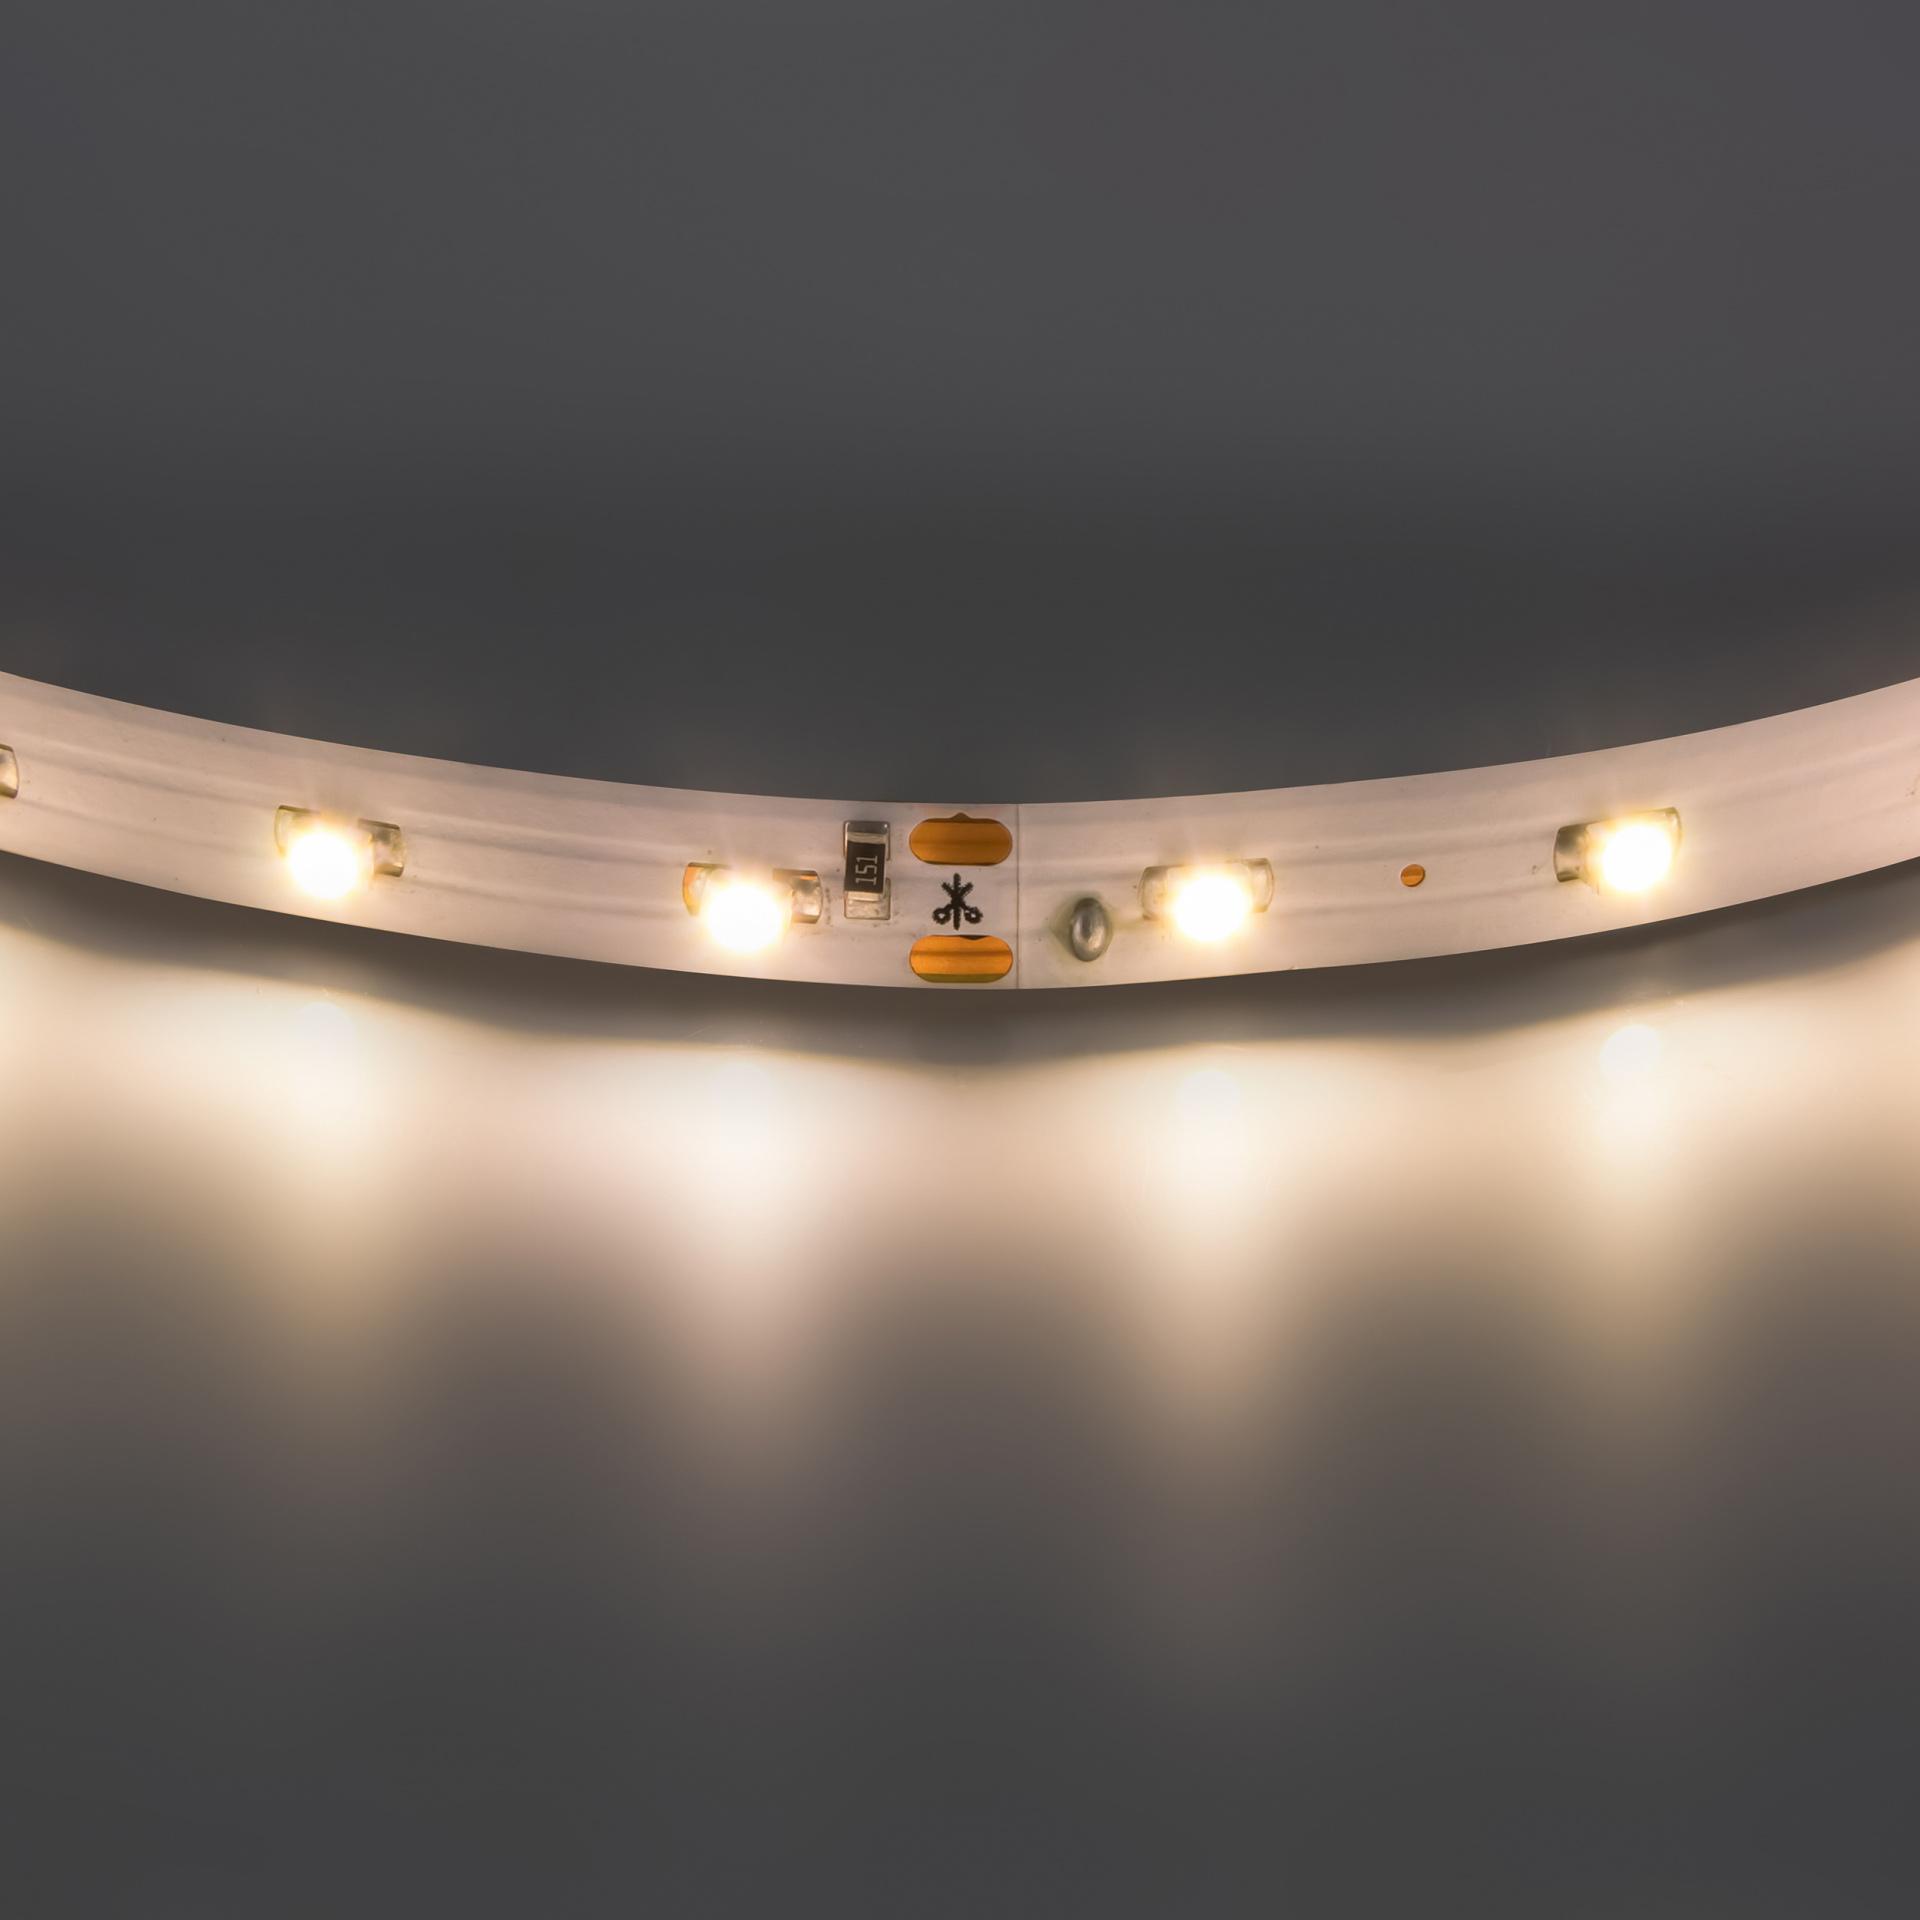 Лента 3528 LED 12V 4.8W 2700K-3000K 200m теплый белый свет Lightstar 400002, купить в СПб, Москве, с доставкой, Санкт-Петербург, интернет-магазин люстр и светильников Starlight, фото в жизни